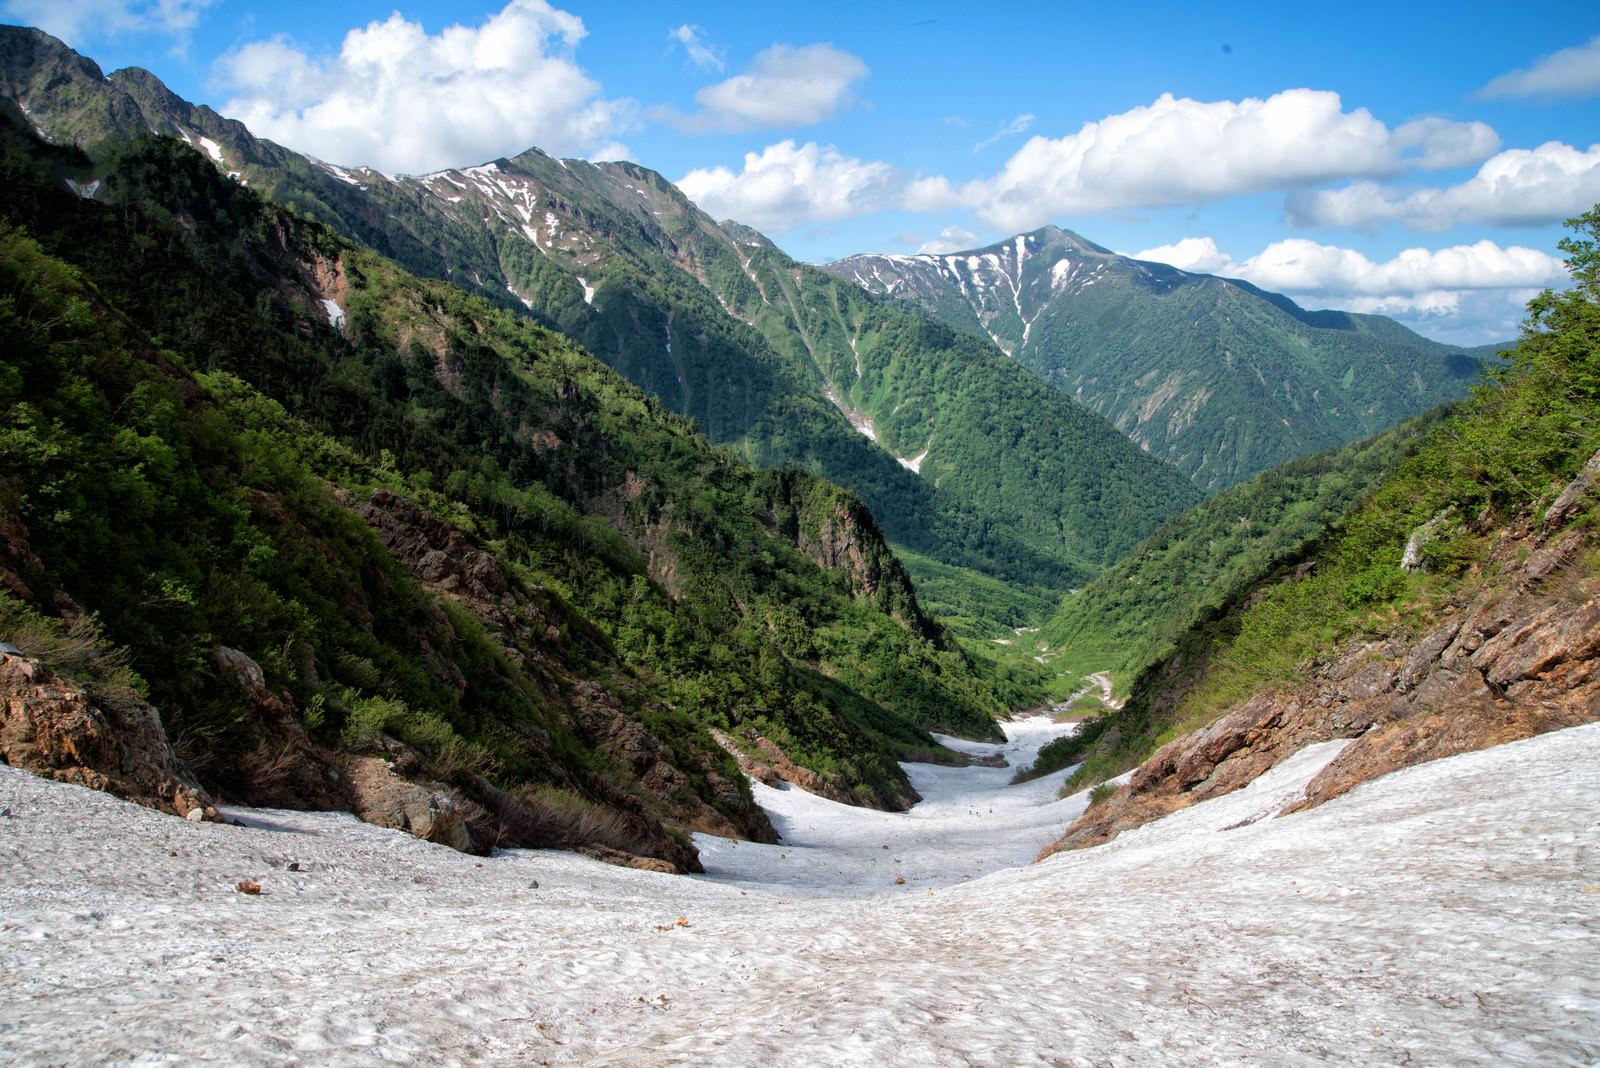 「新緑期の針ノ木大雪渓(日本三大雪渓)」の写真